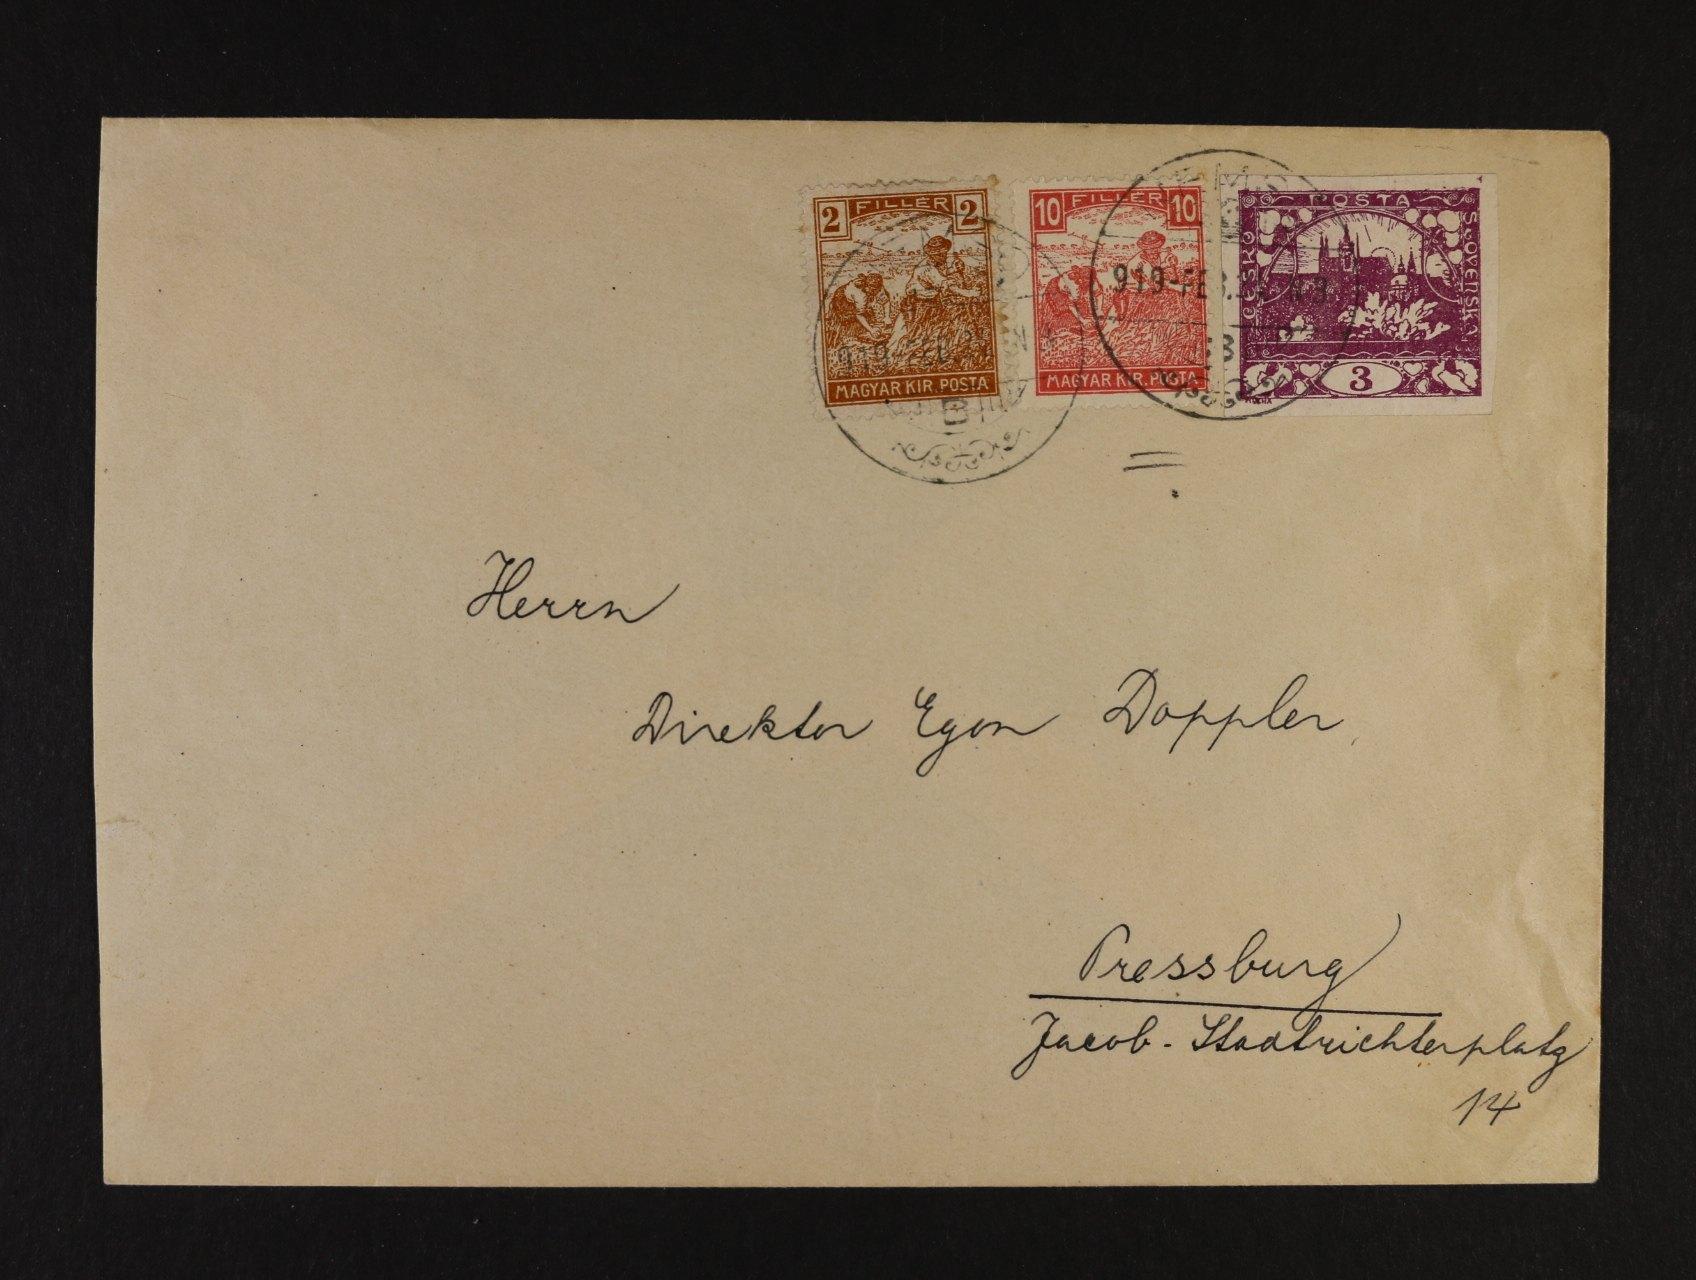 dopis do Bratislavy frank. zn. Mi. č. 186 + 190 + zn. Hradčany č. 2, pod. raz. NEMSÓ  (Nemsová) 24.FEB.1919, použití zn. 10fil. bílé číslo na našem území velmi vzácné